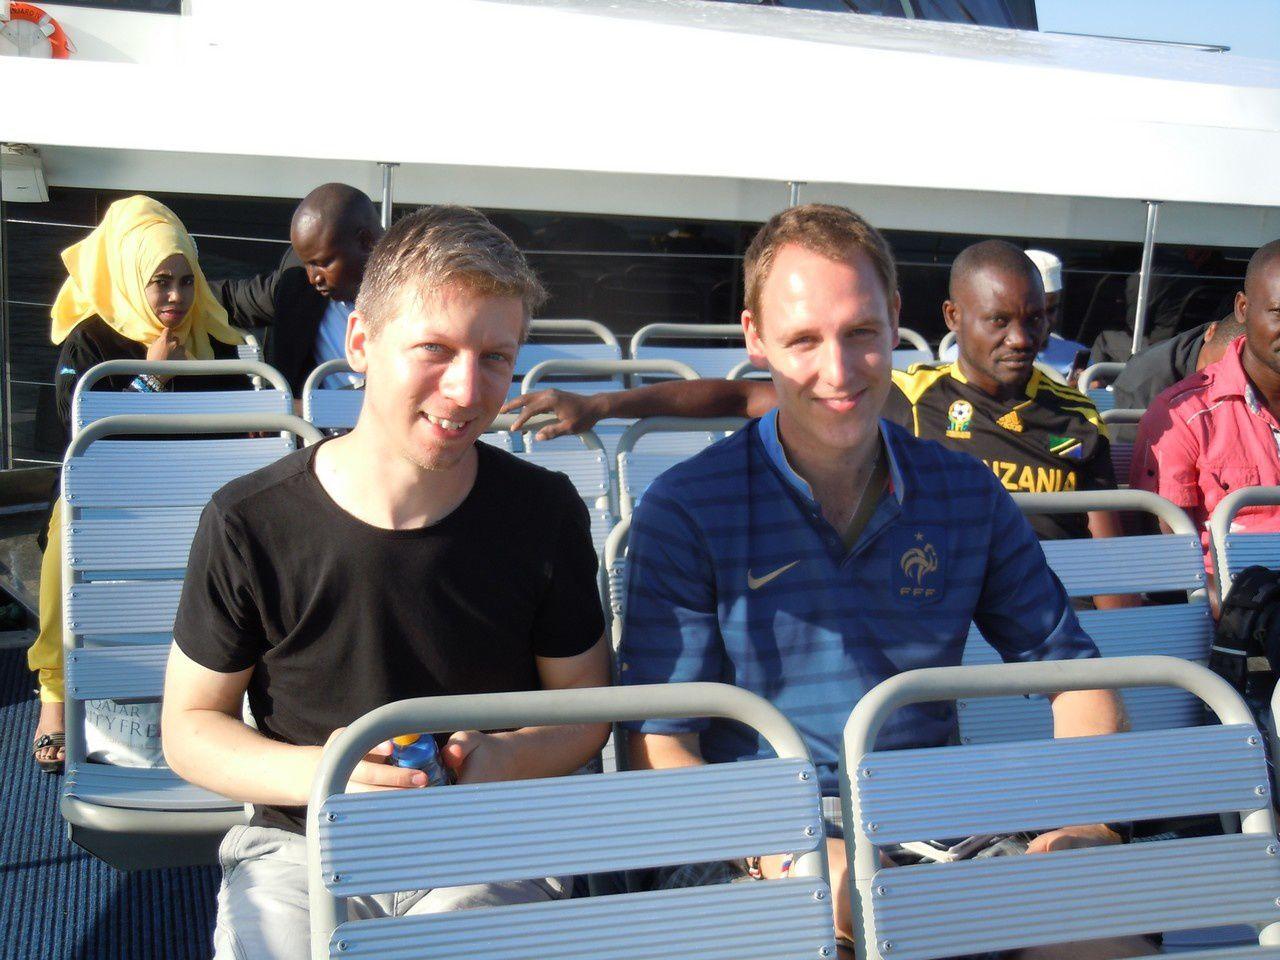 Zsolt et Romain sur le ferry pour Zanzibar